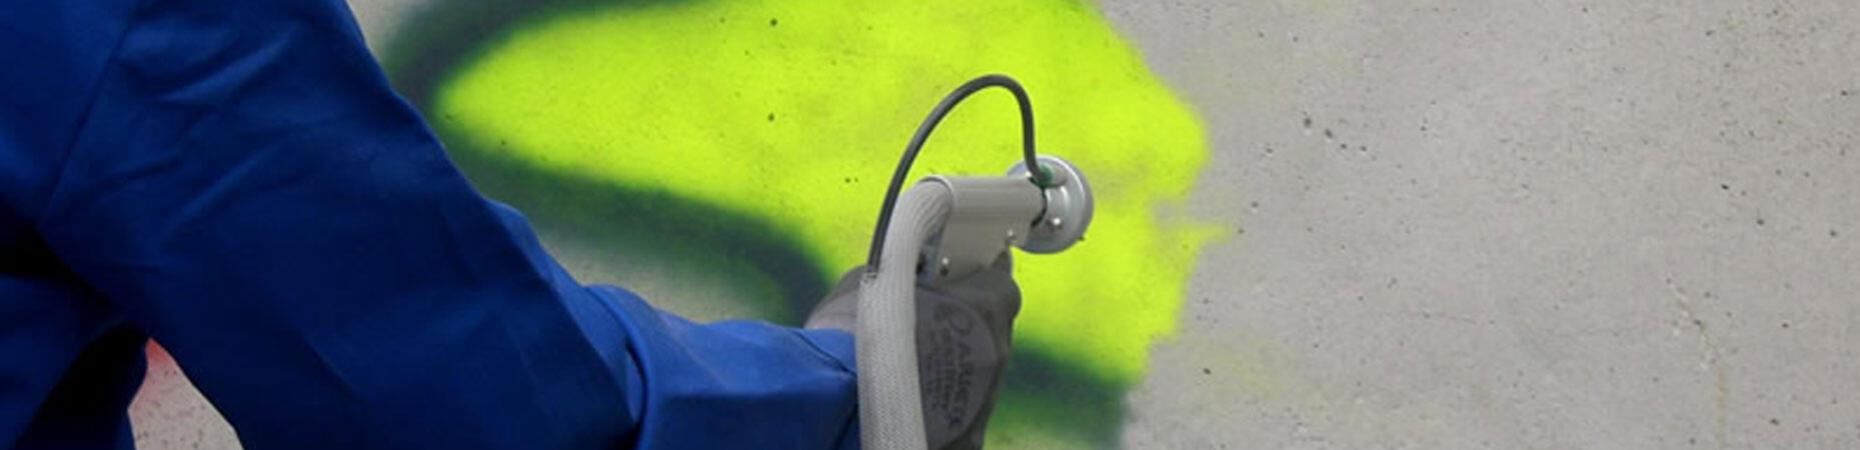 eco-service it anti-imbrattamento-muri-e-pulizia-graffiti 005